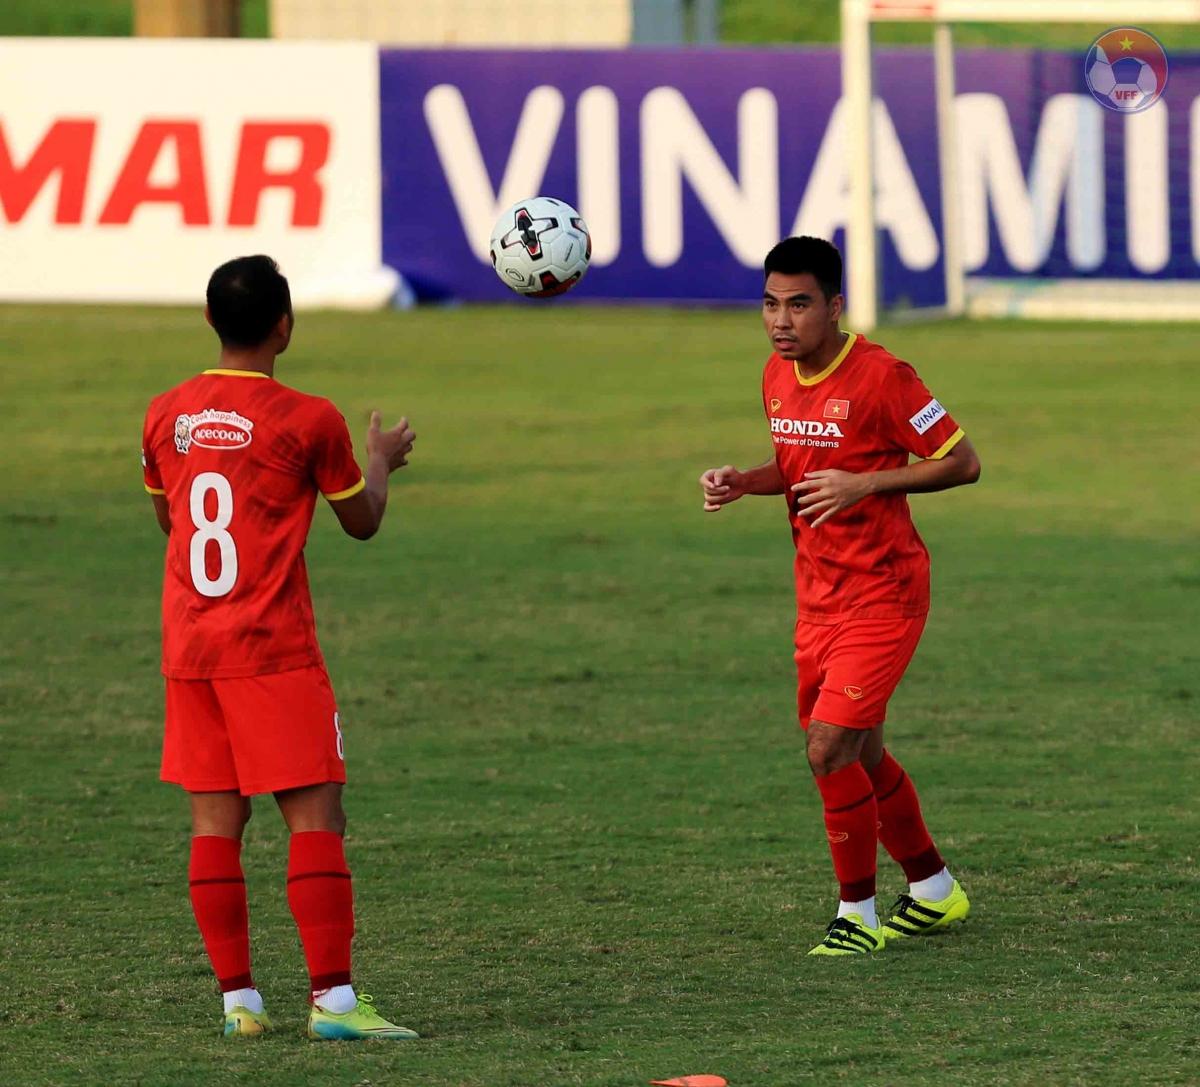 ĐT Việt Nam sẽ loại 10 cầu thủ để lên đường sang UAE tham dự vòng loại World Cup 2022 với 27 người.